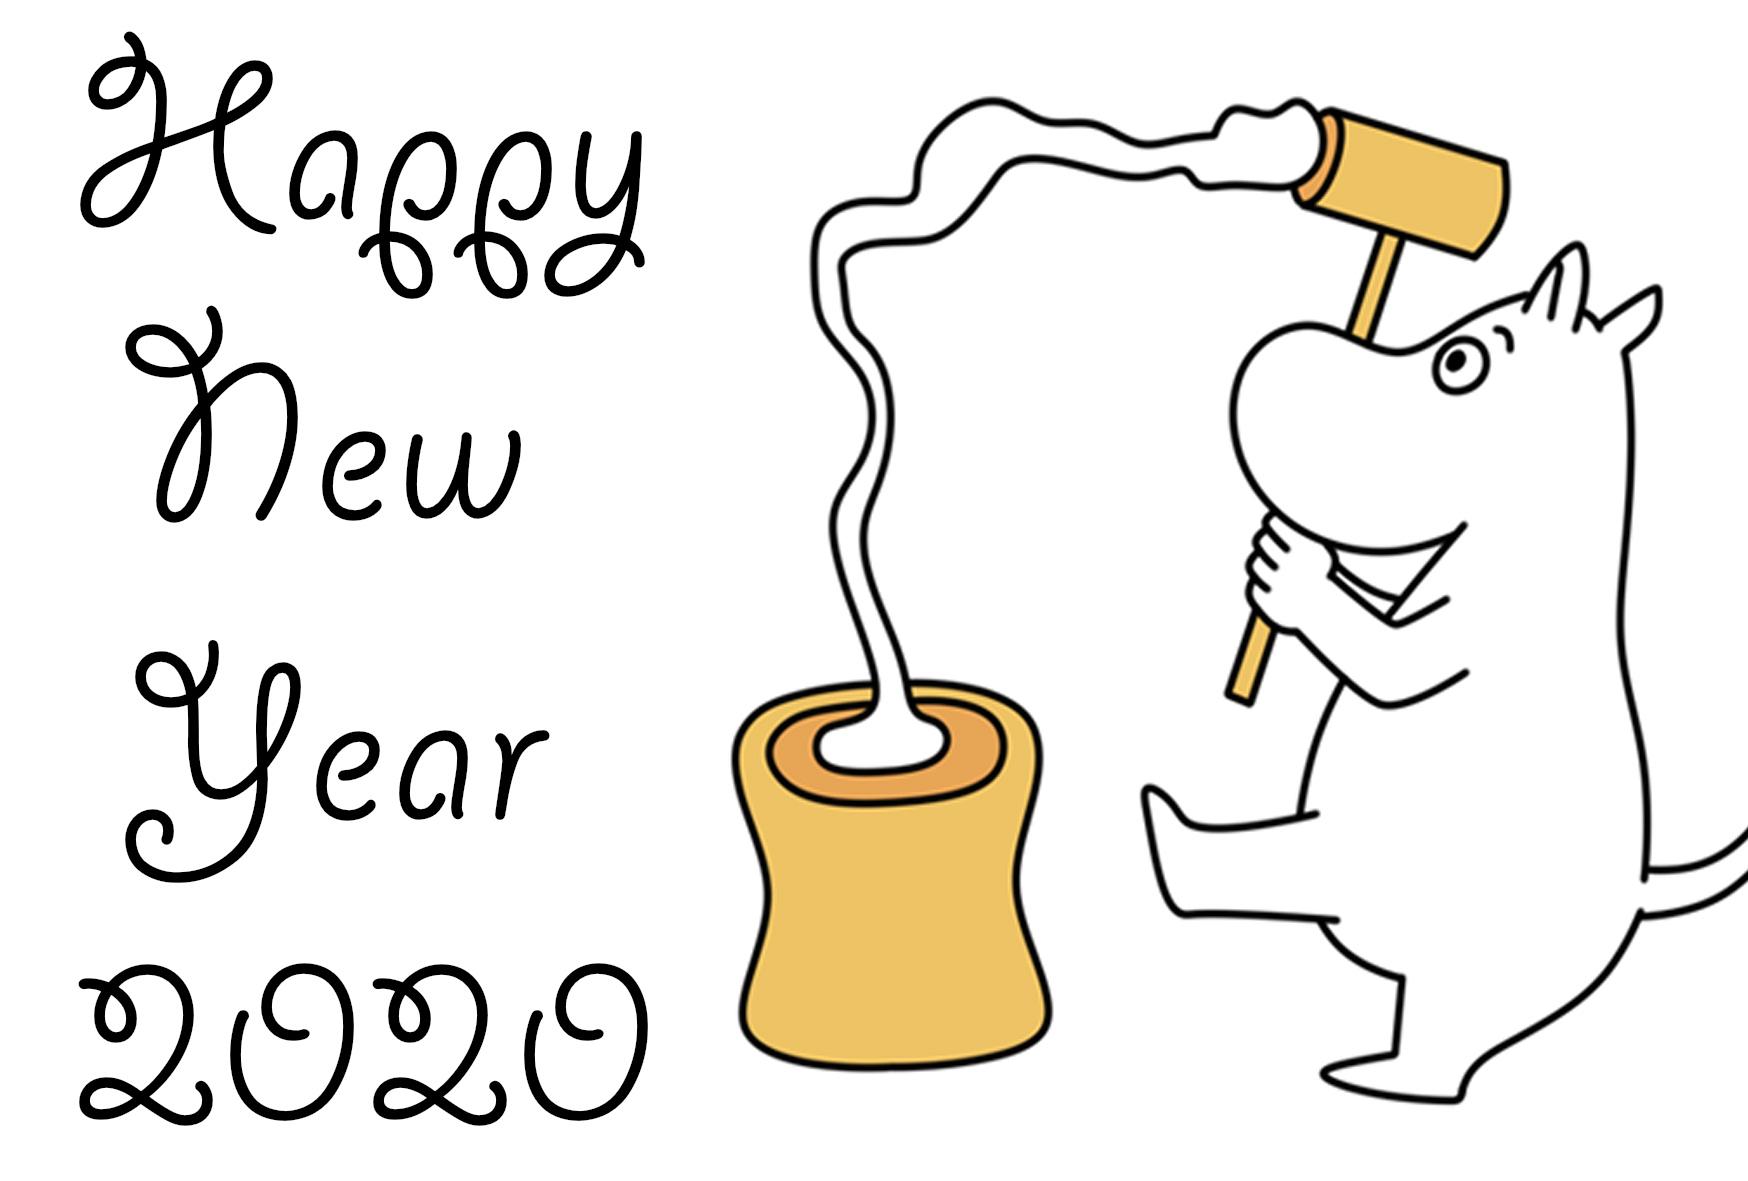 ムーミン 年賀状 2020年 無料テンプレート 令和2年 横向き